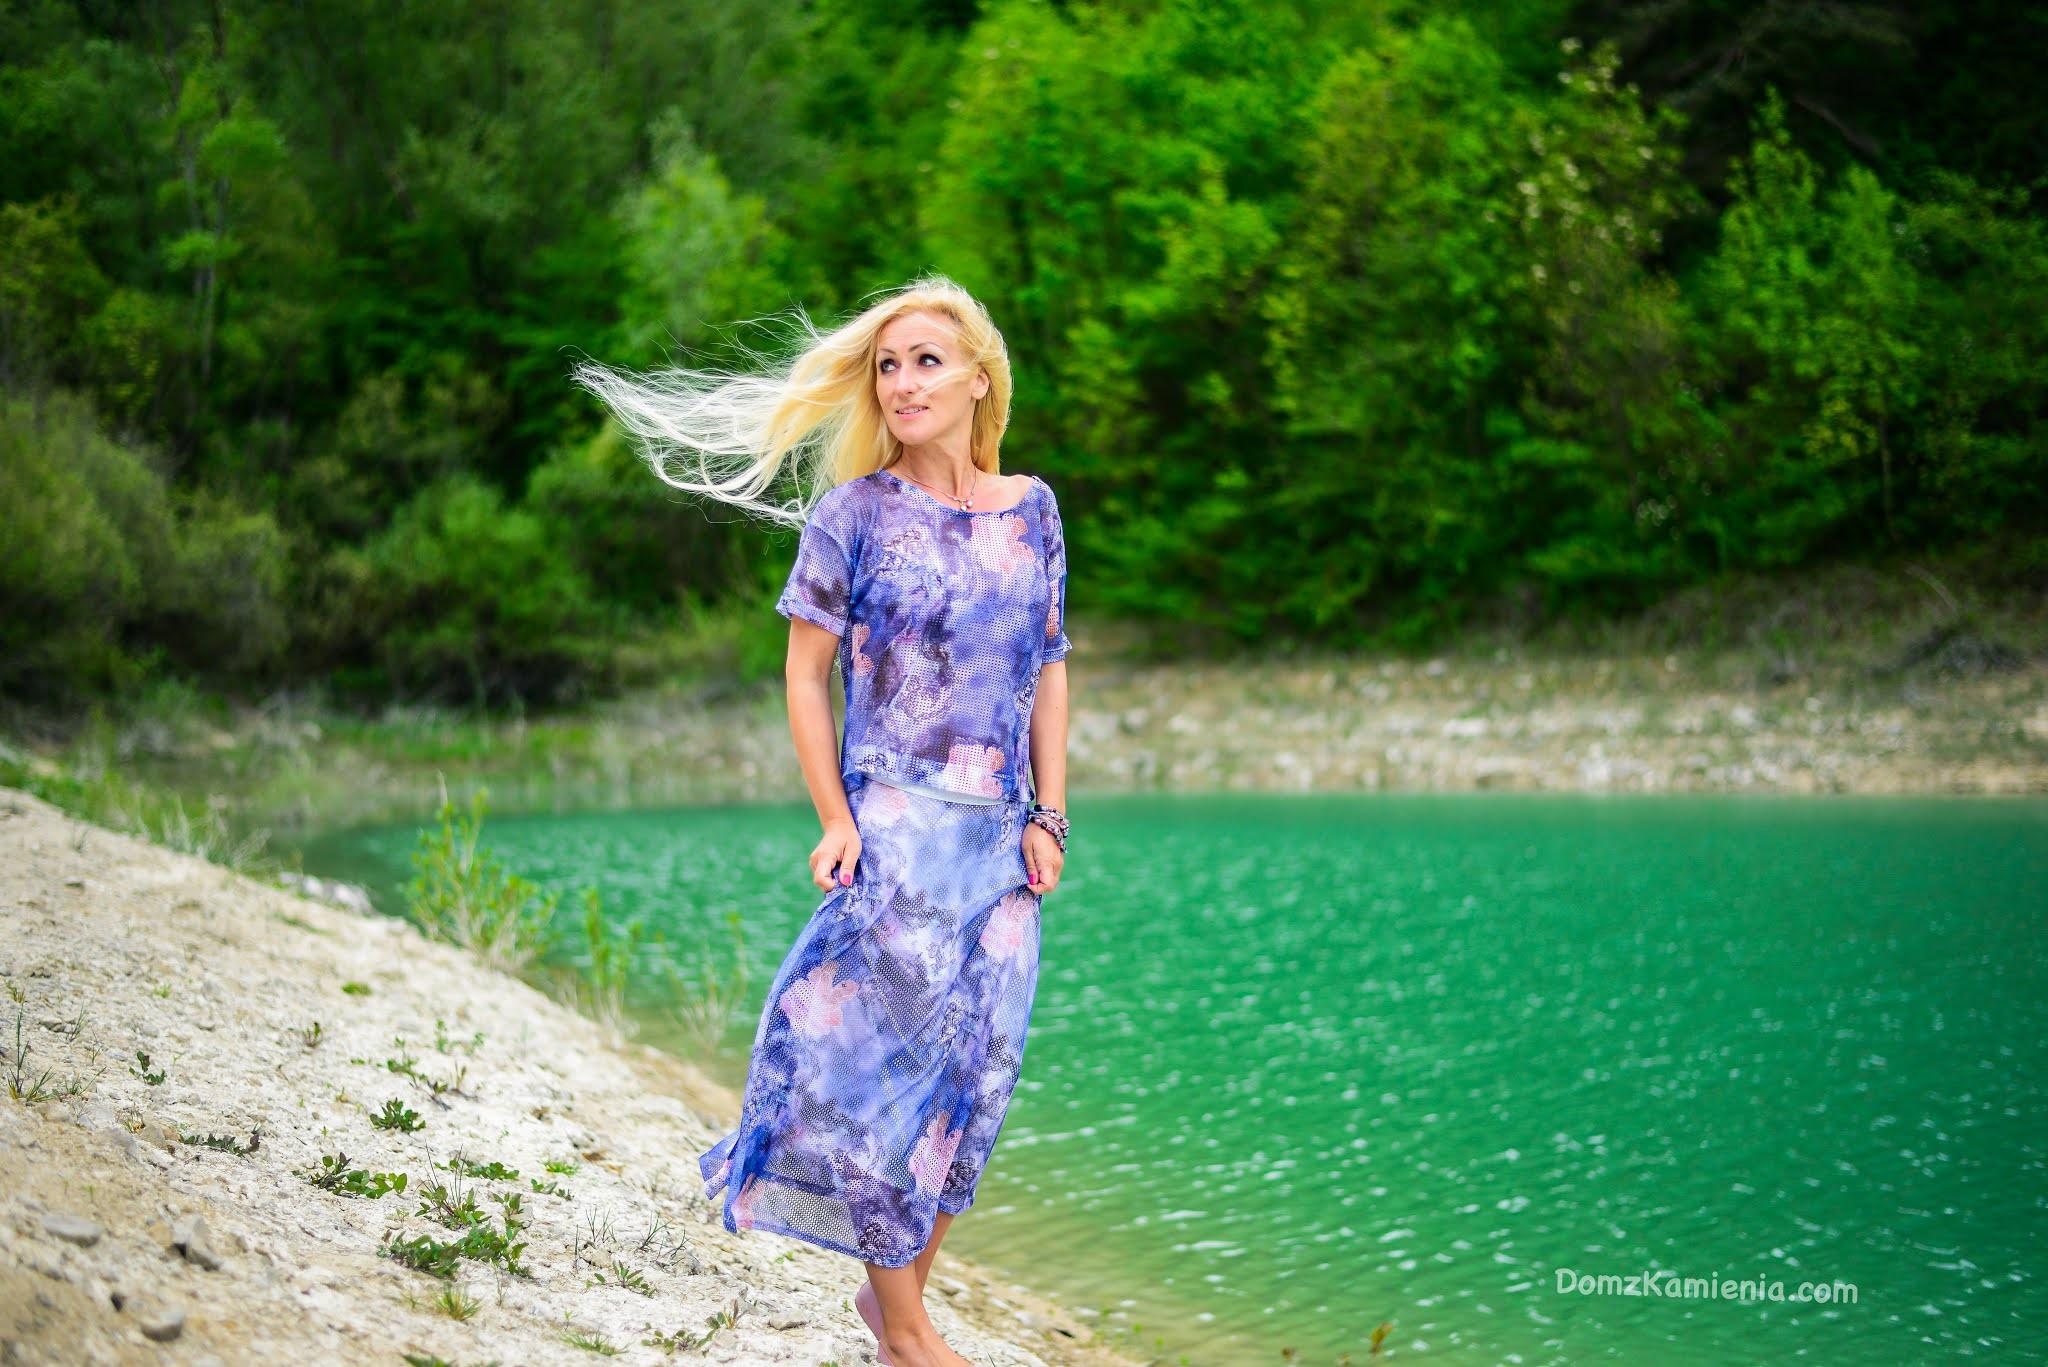 Lago di Bracanello, Kasia z Domu z Kamienia,